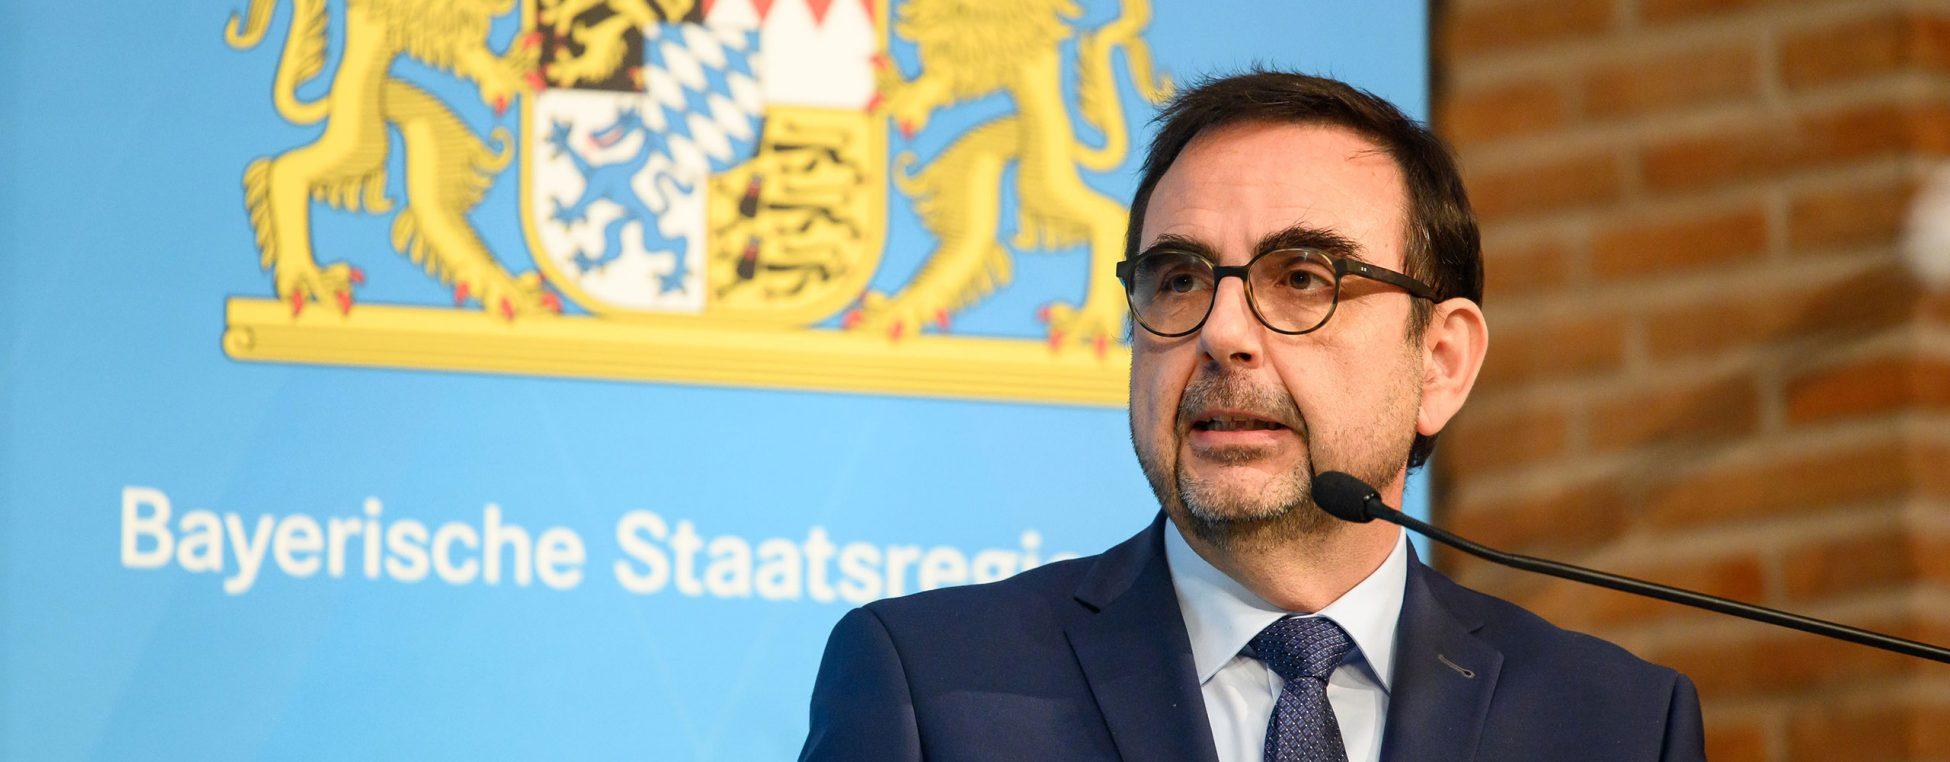 Das Bild zeigt Gesundheitsminister Klaus Holetschek